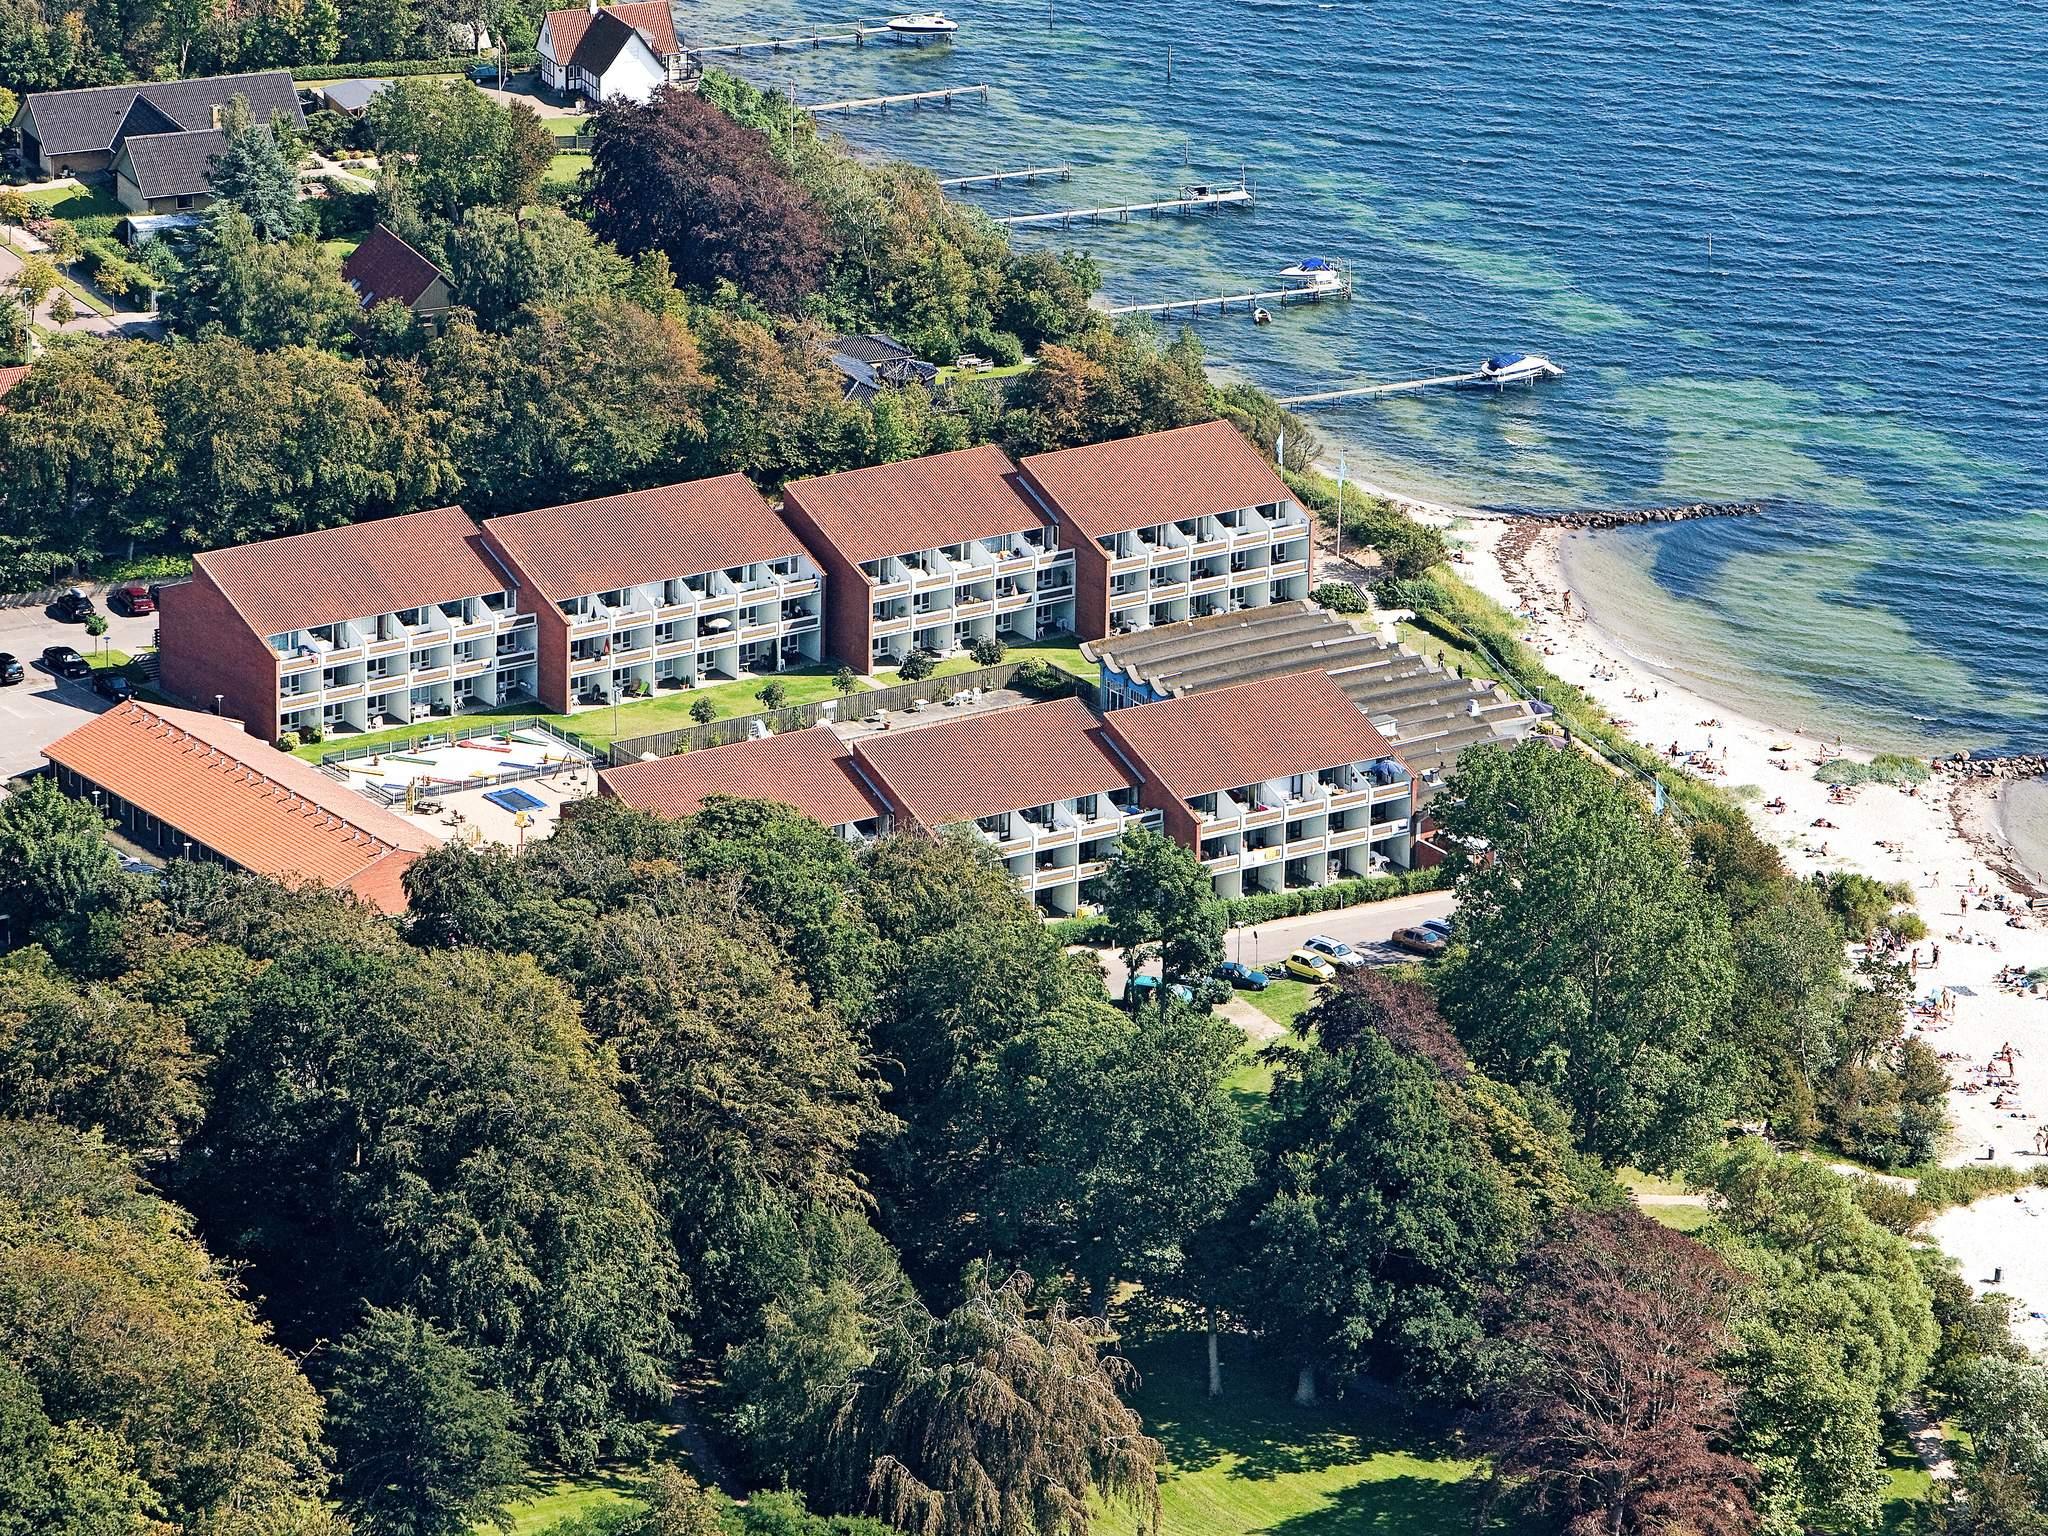 Appartement de vacances Fåborg - Typ 5 - 2 Zimmer,Erdg./1. Stock (1087166), Faaborg, , Fionie, Danemark, image 7